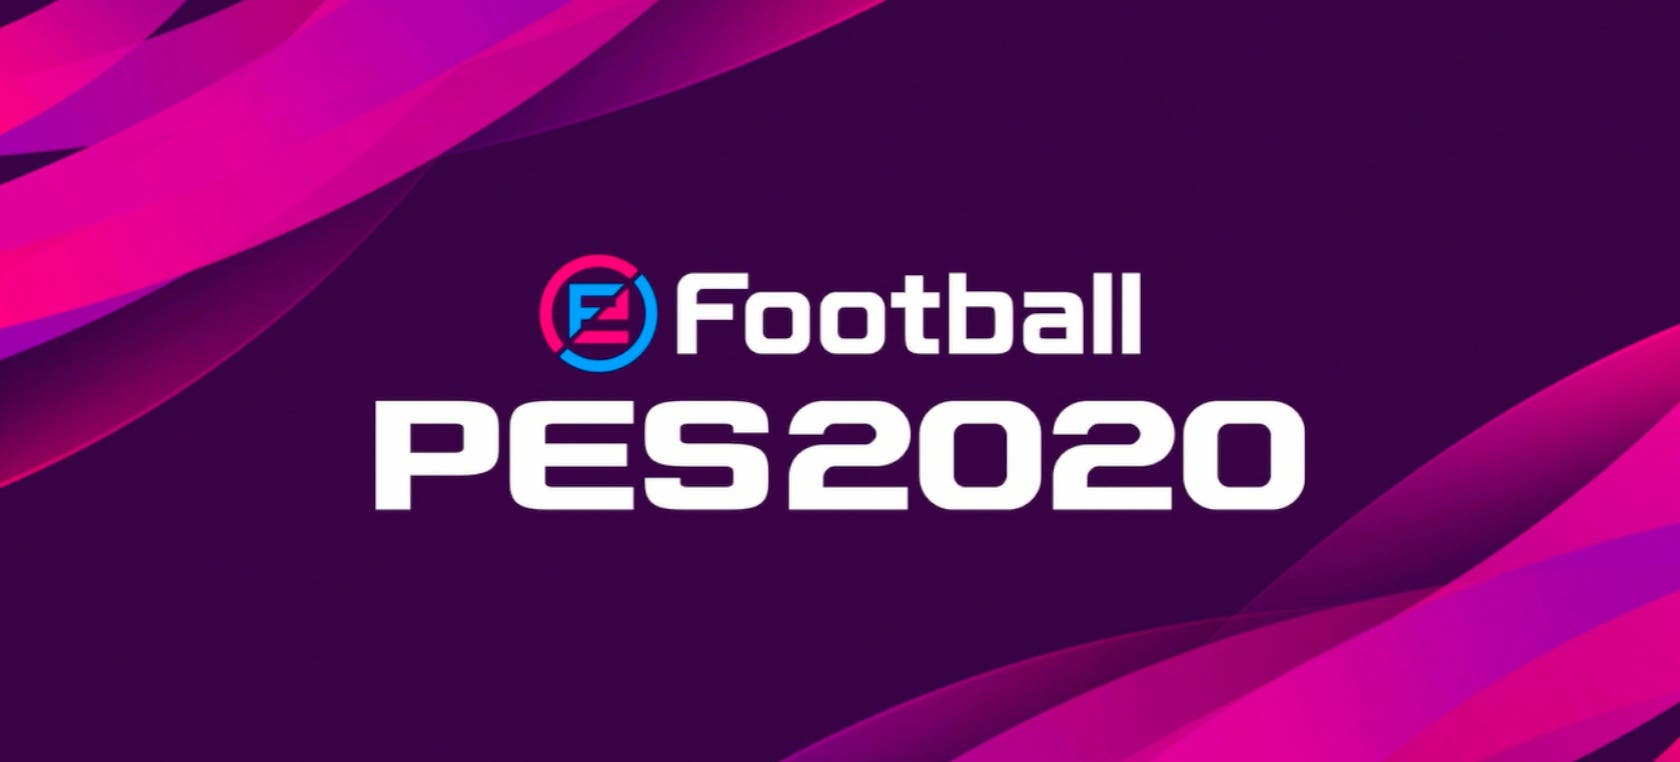 Duelo de selecciones nacionales de eFootball PES 2020 entre España y Polonia 11